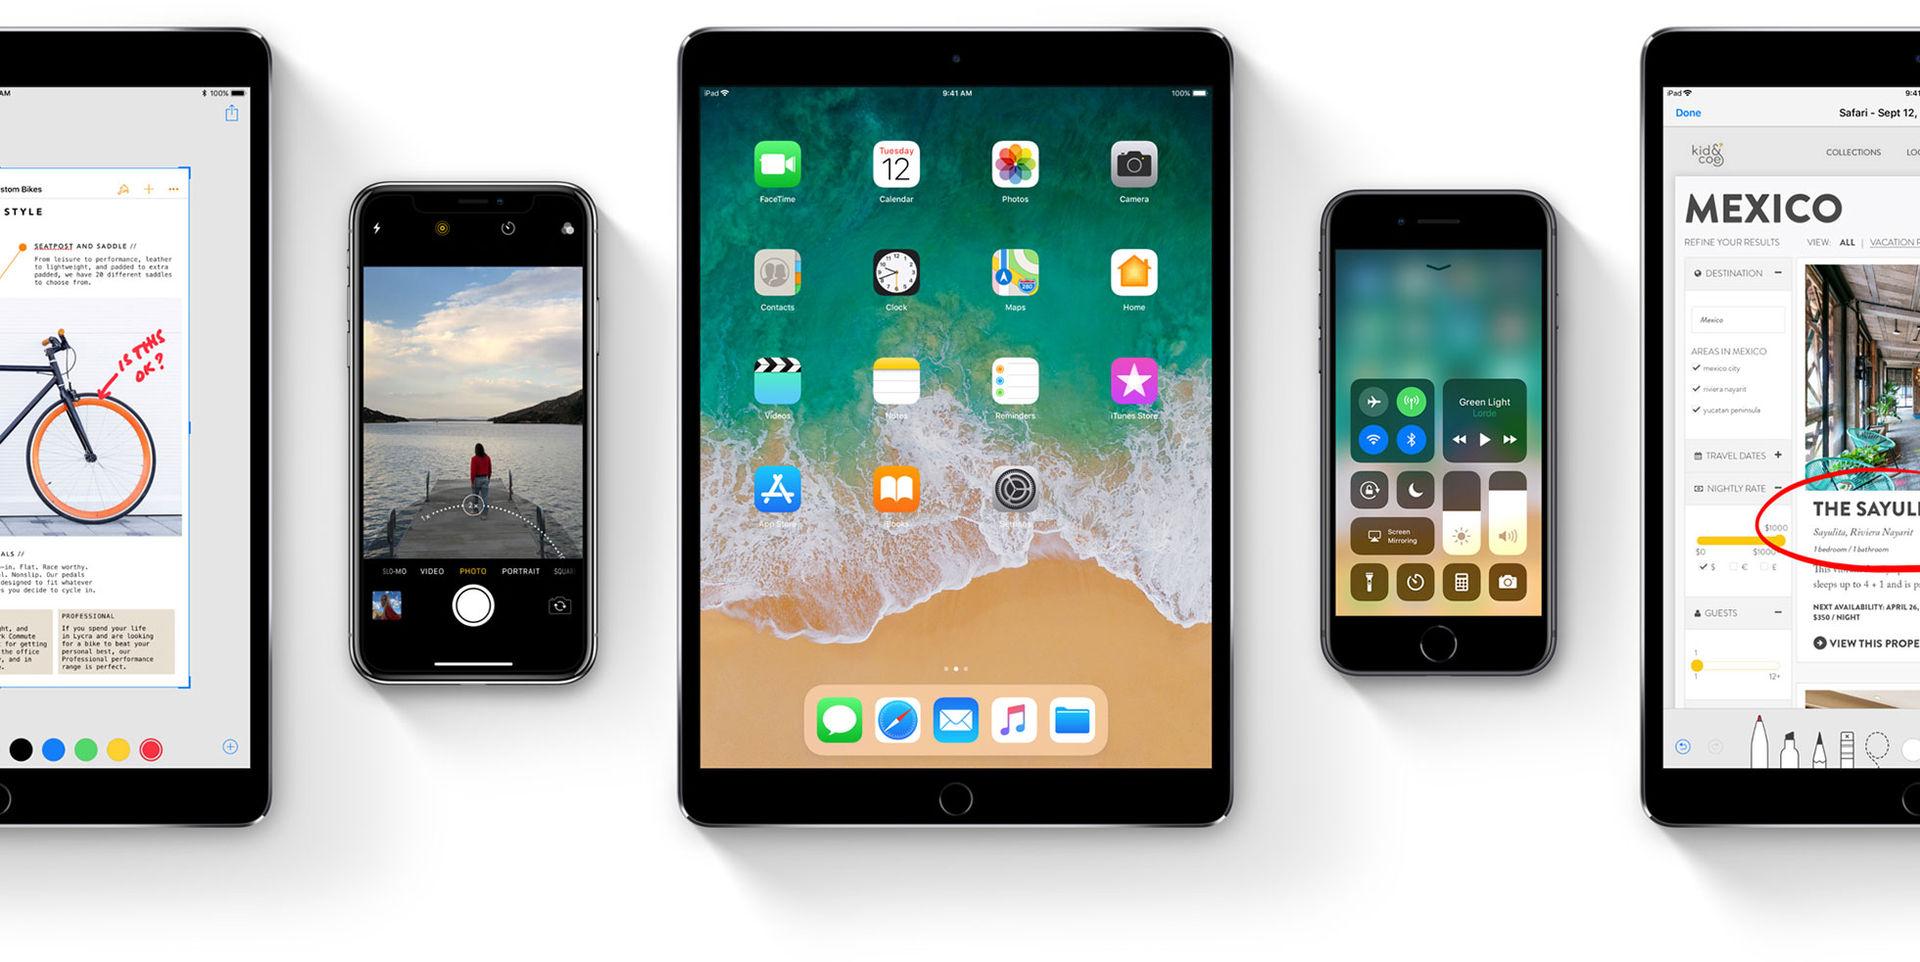 Nu är iOS 11 släppt! Här är alla nyheterna och allt du behöver veta ... 36ea4e208e85e